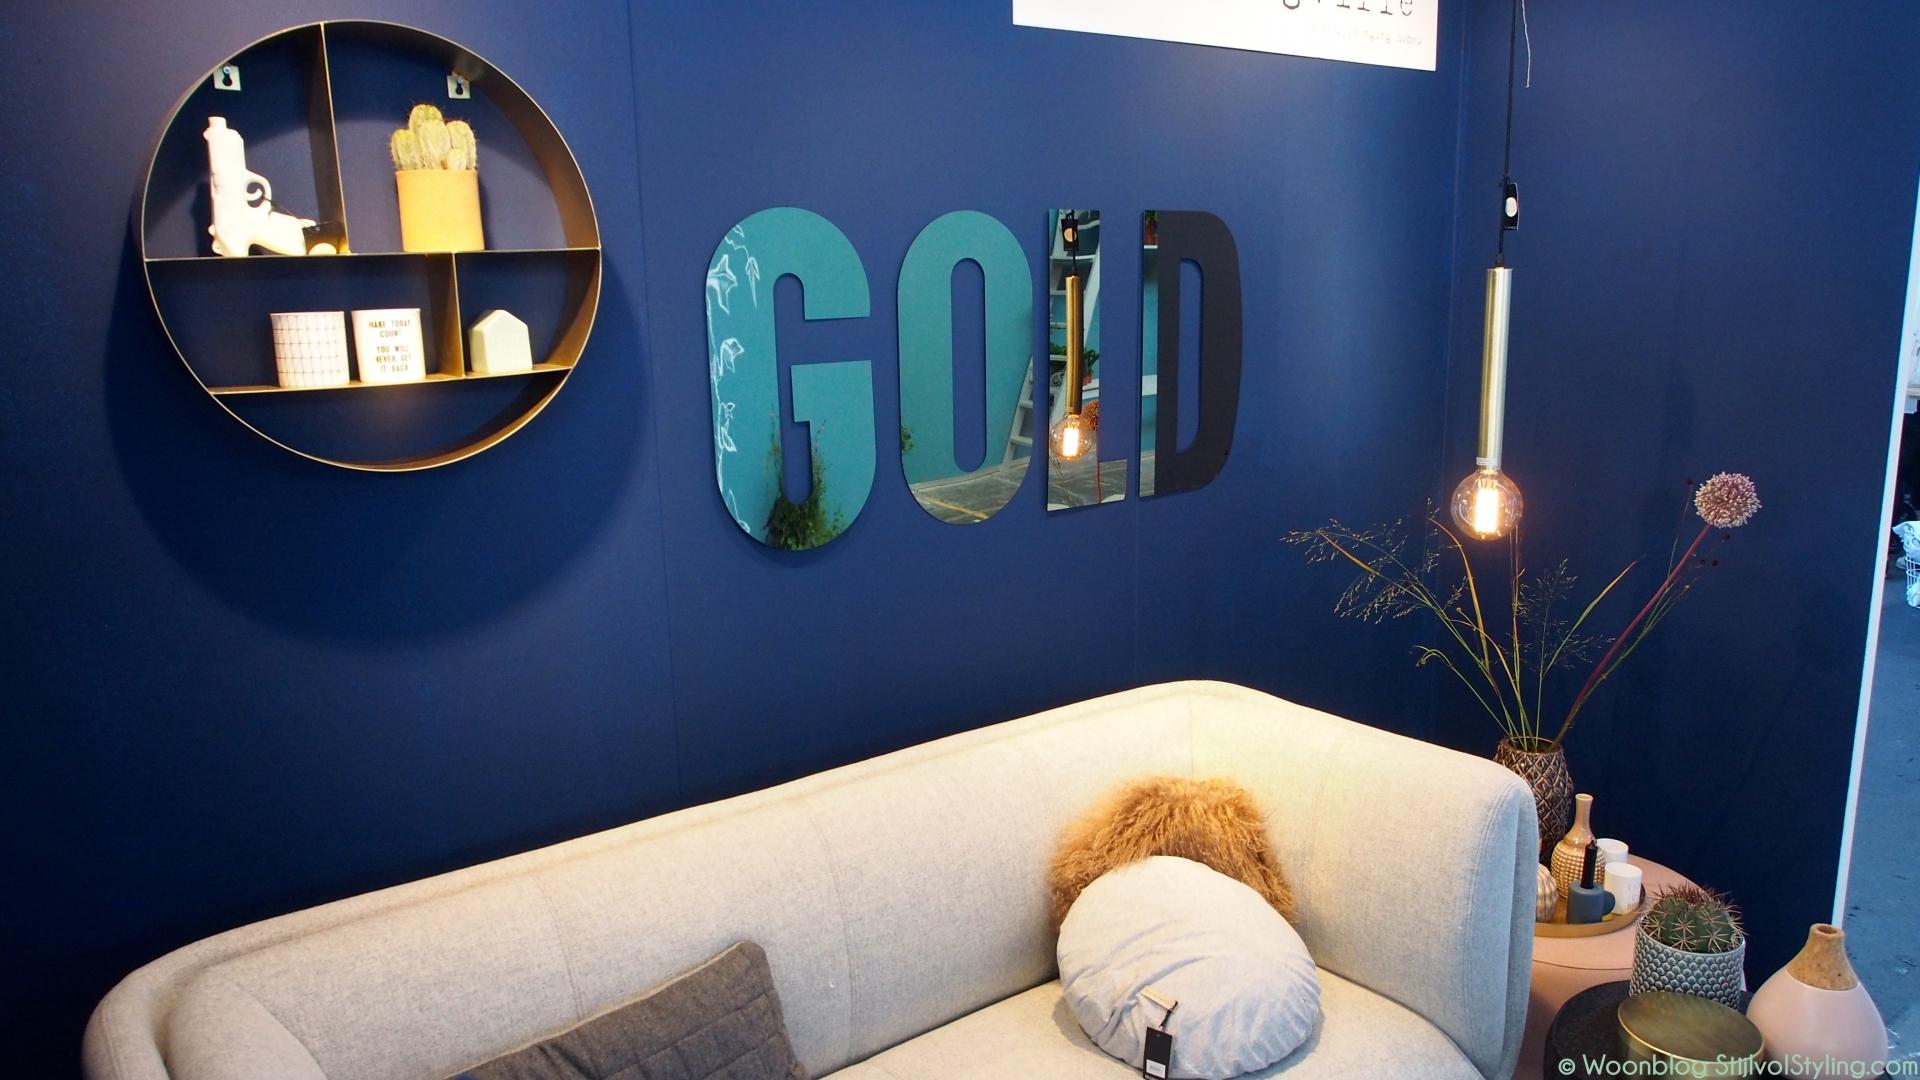 Interieur een blauw interieur fris modern of toch chique stijlvol styling woonblog - Kleine ijdelheid eenheid ...